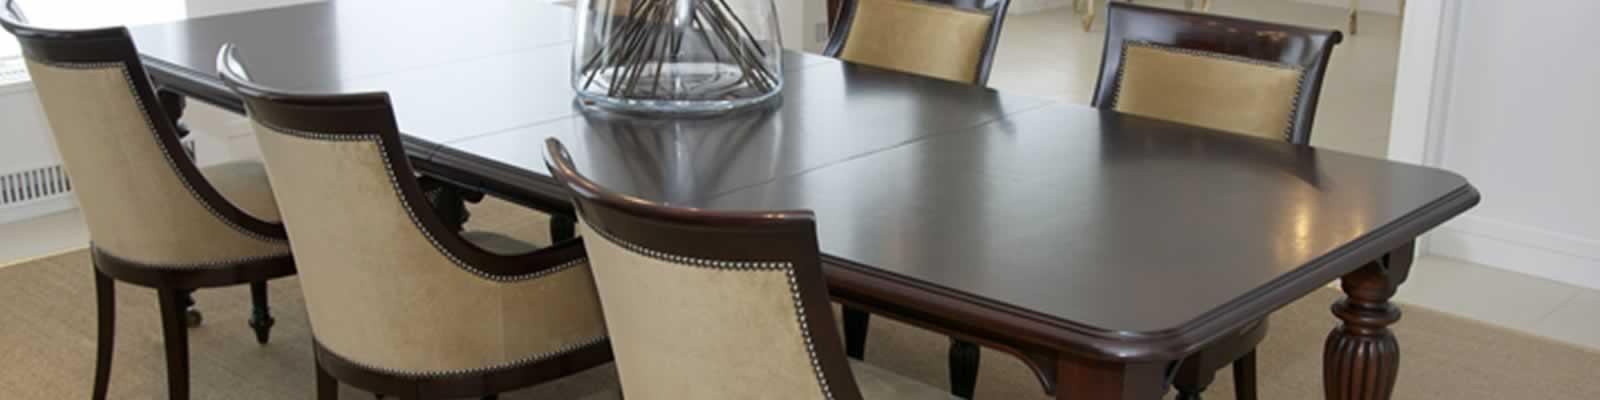 Bespoke fine furniture in Rochester